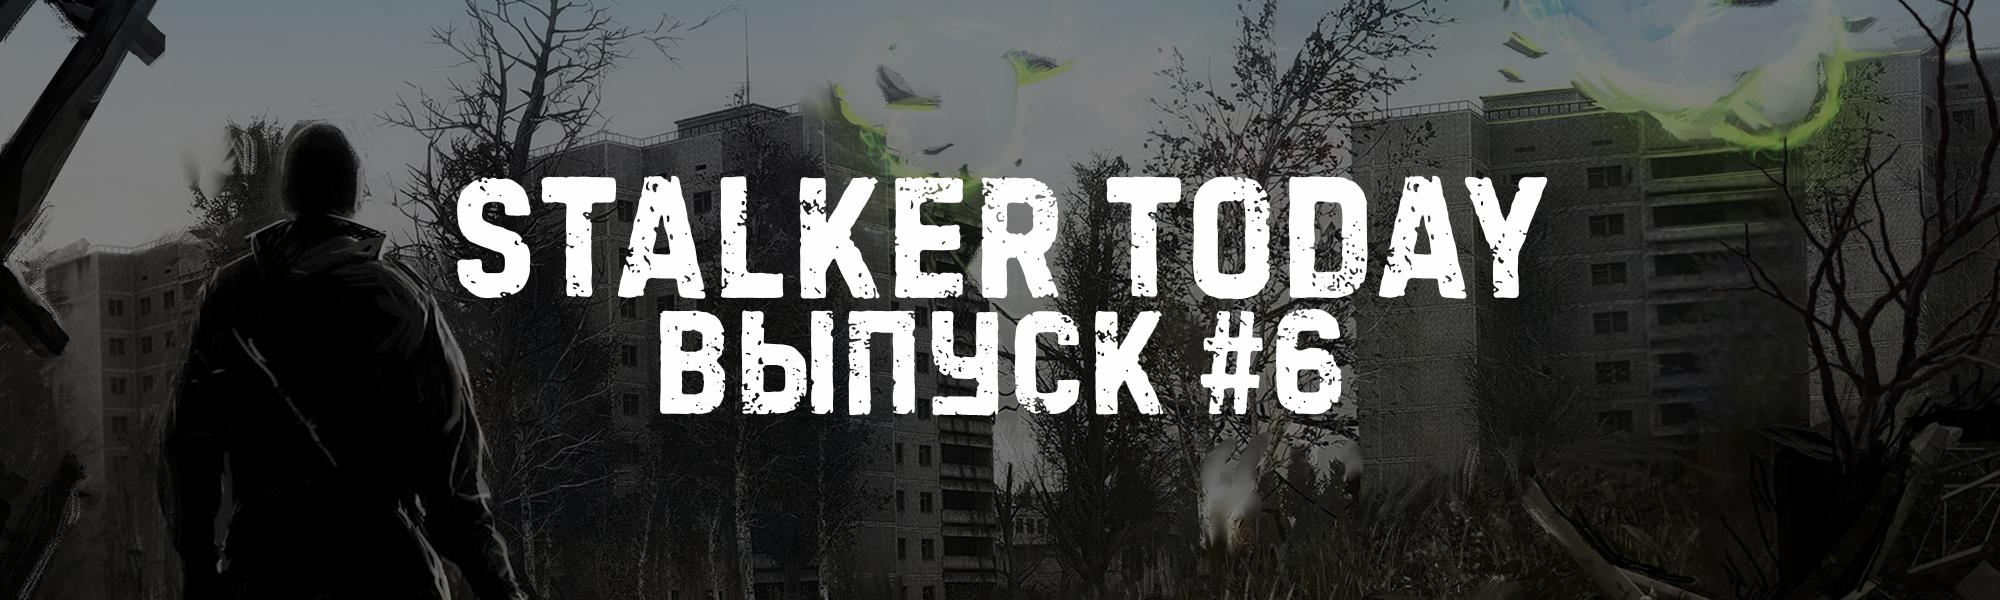 Stalker Today #6 от 12.03.2016